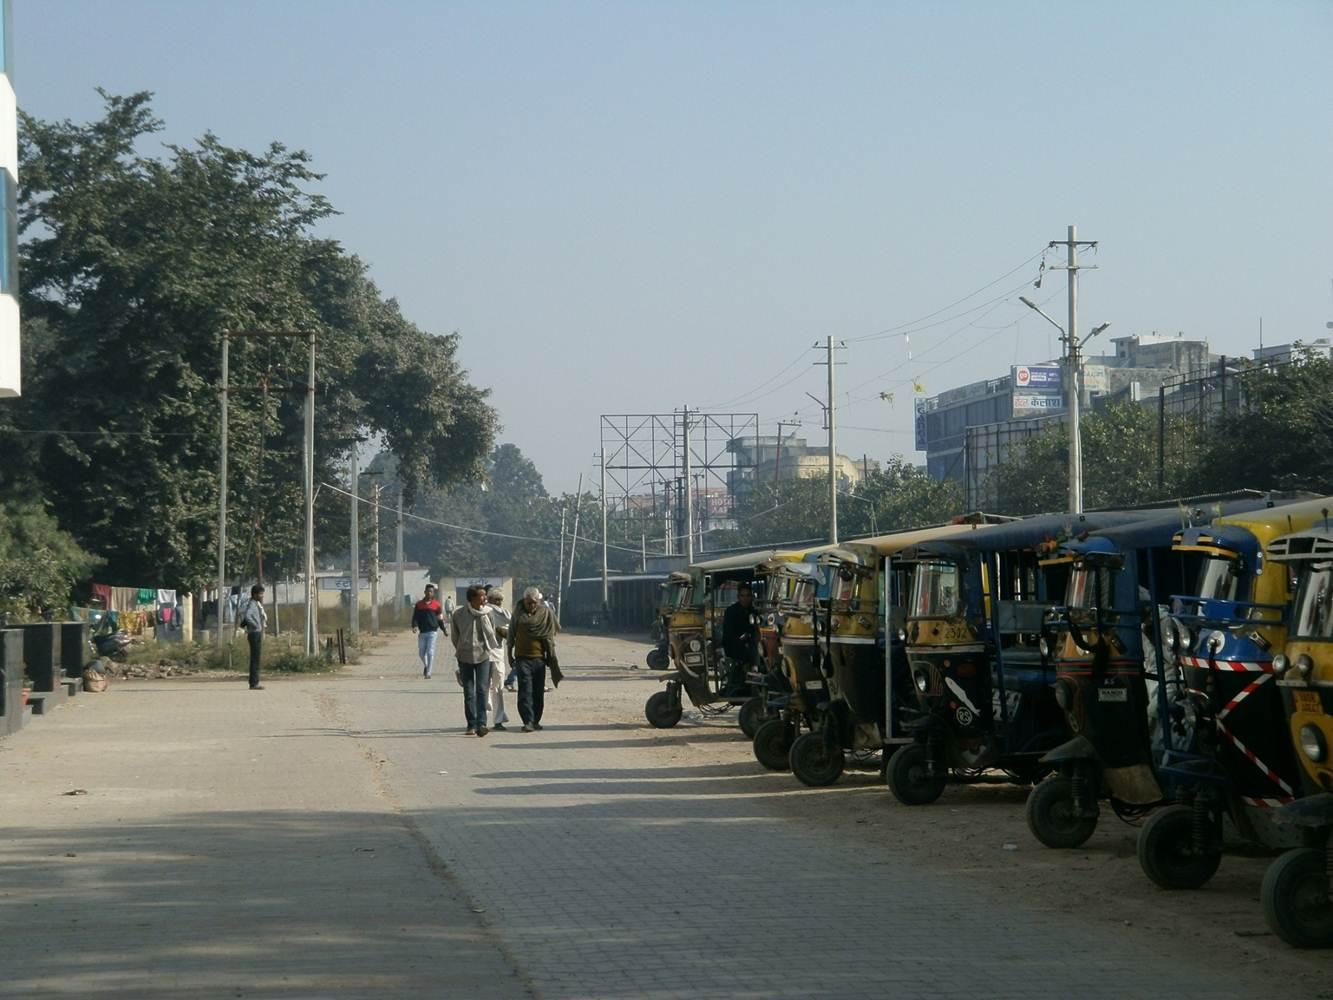 Shivmurti Near Railway Station, Haridwar